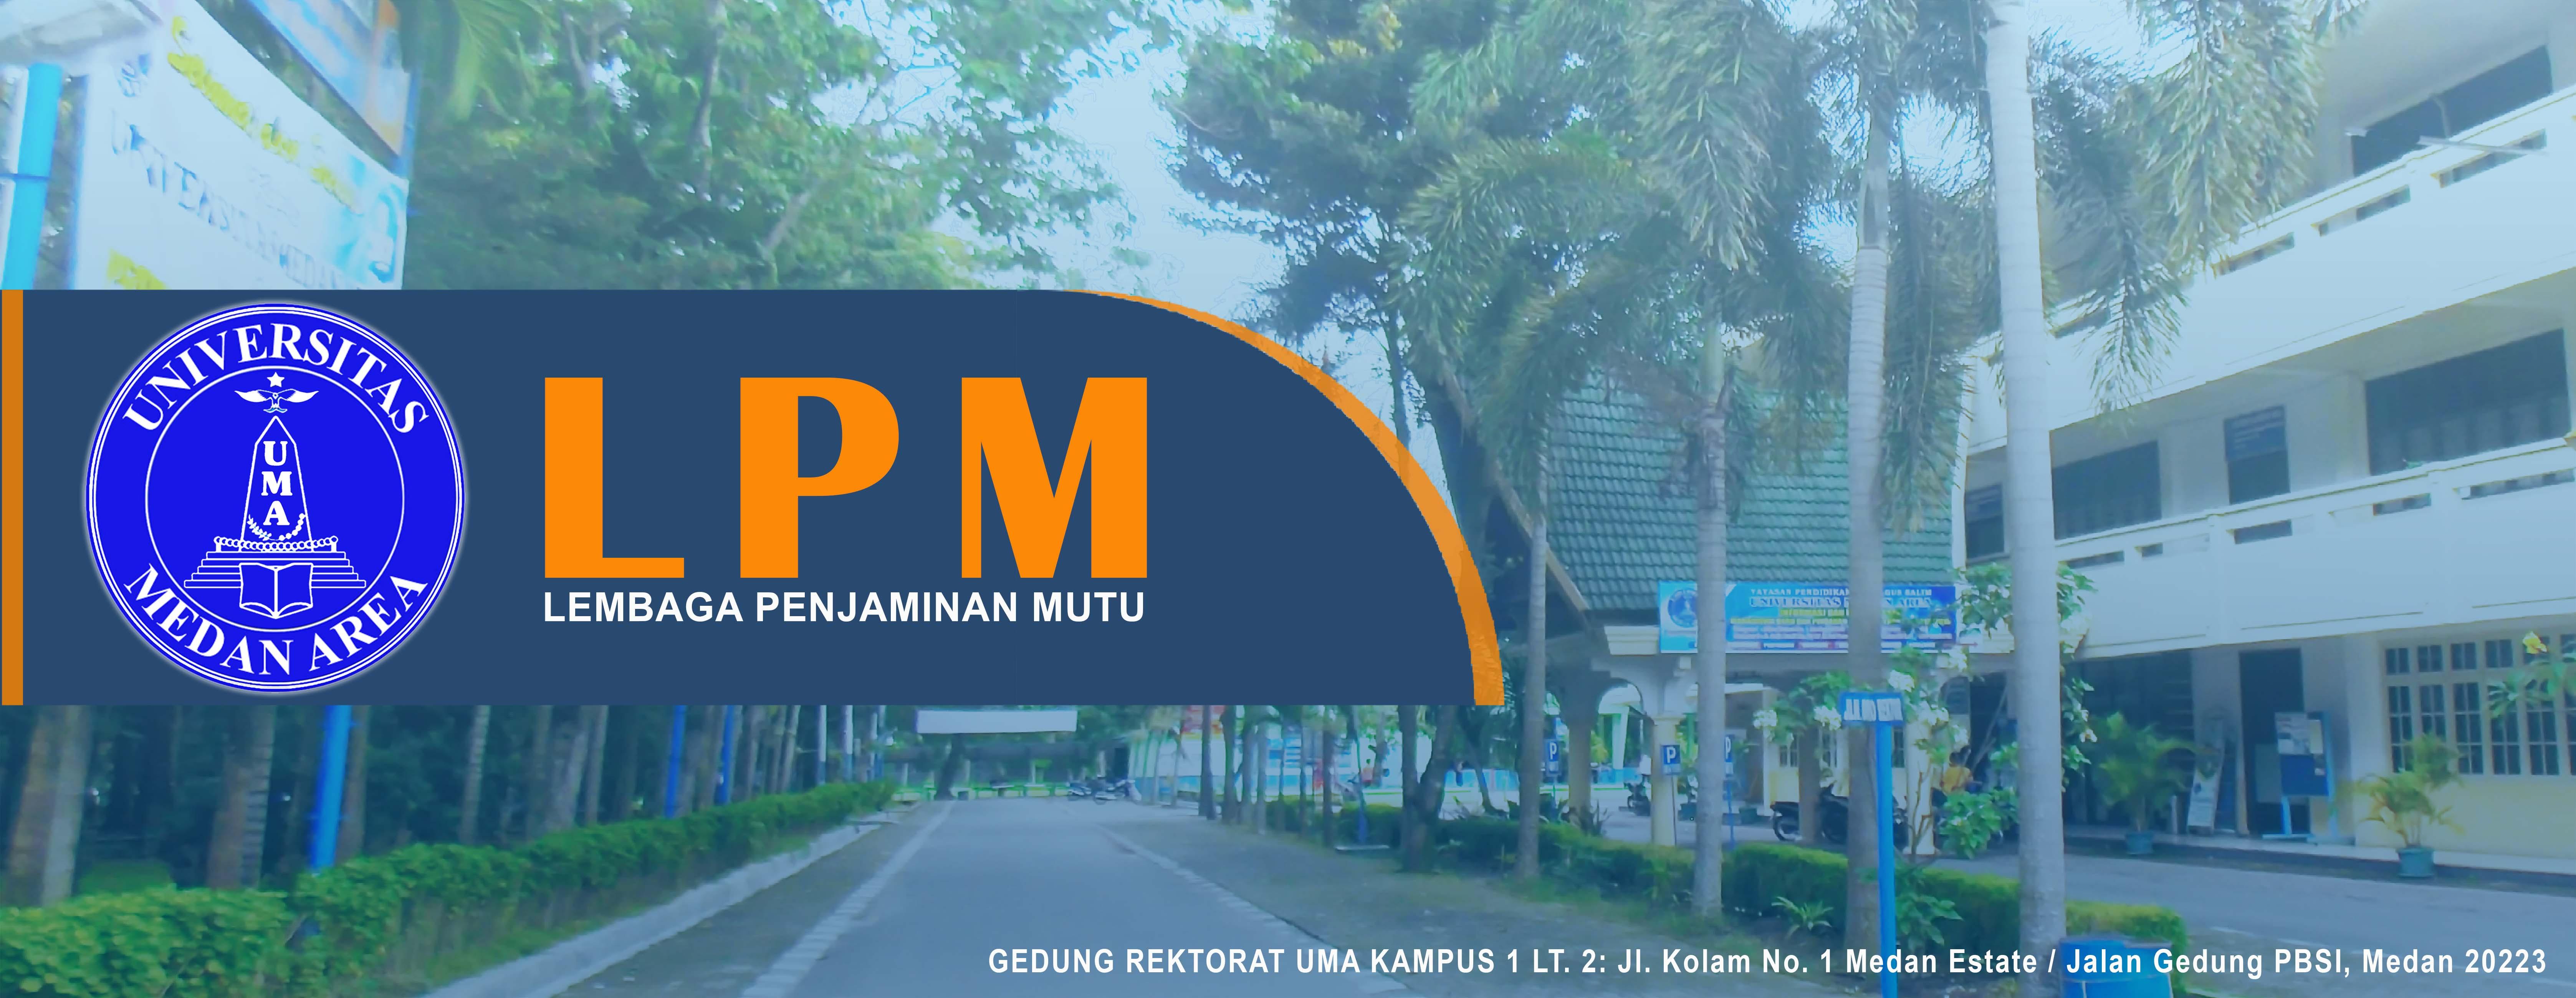 Gedung LPM UMA